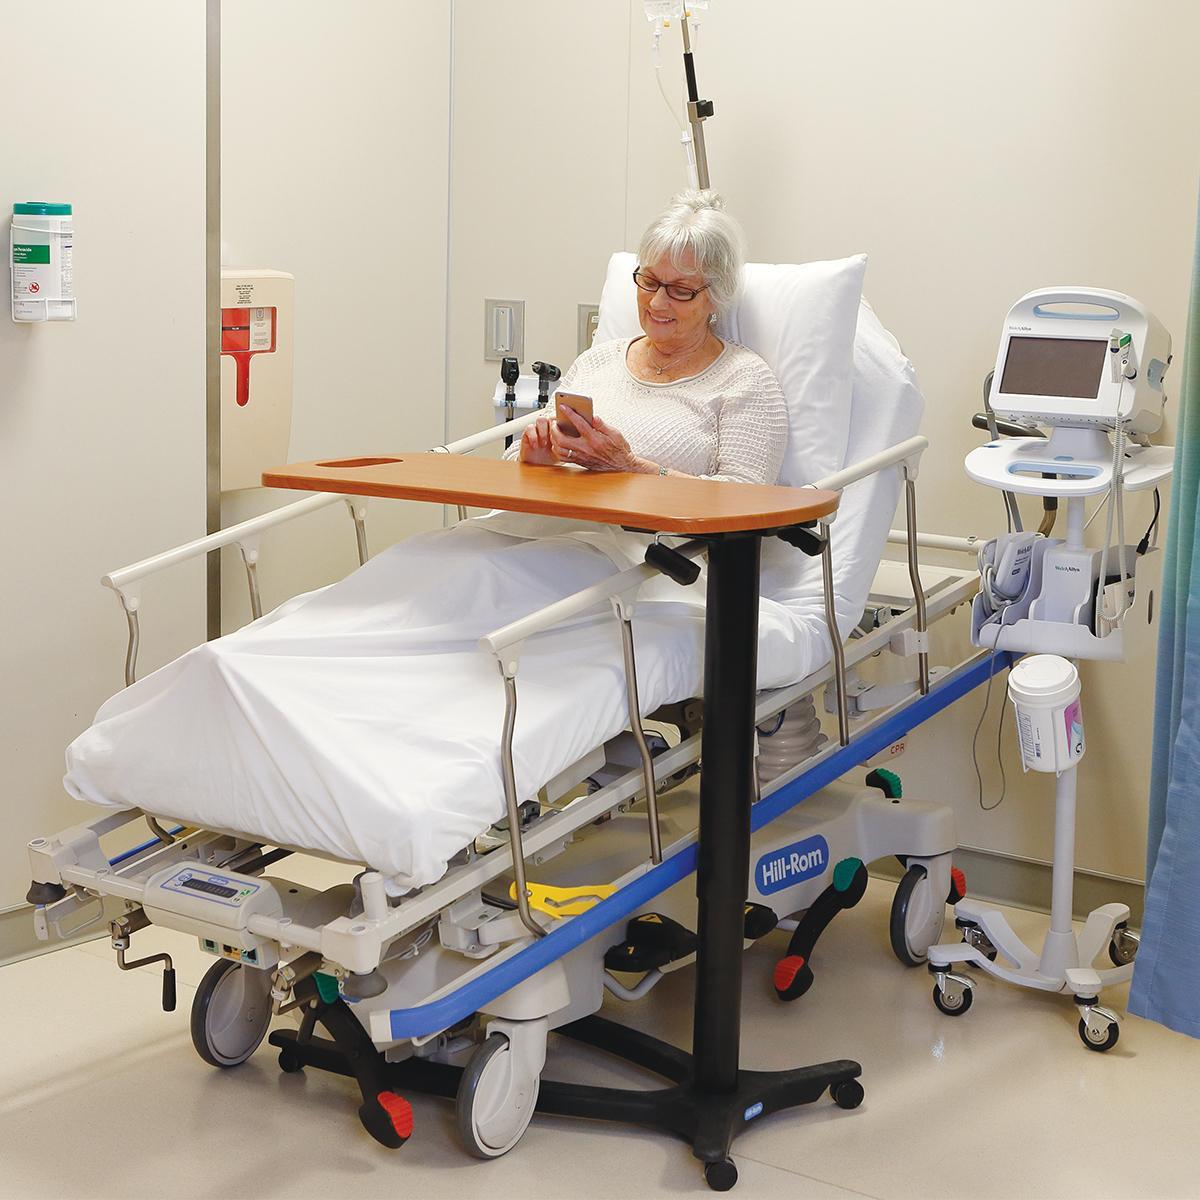 Una paciente usa su teléfono mientras está sentada en posición vertical en una camilla para procedimientos de Hillrom. Apoya las manos sobre una mesa que se encuentra sobre la cama.